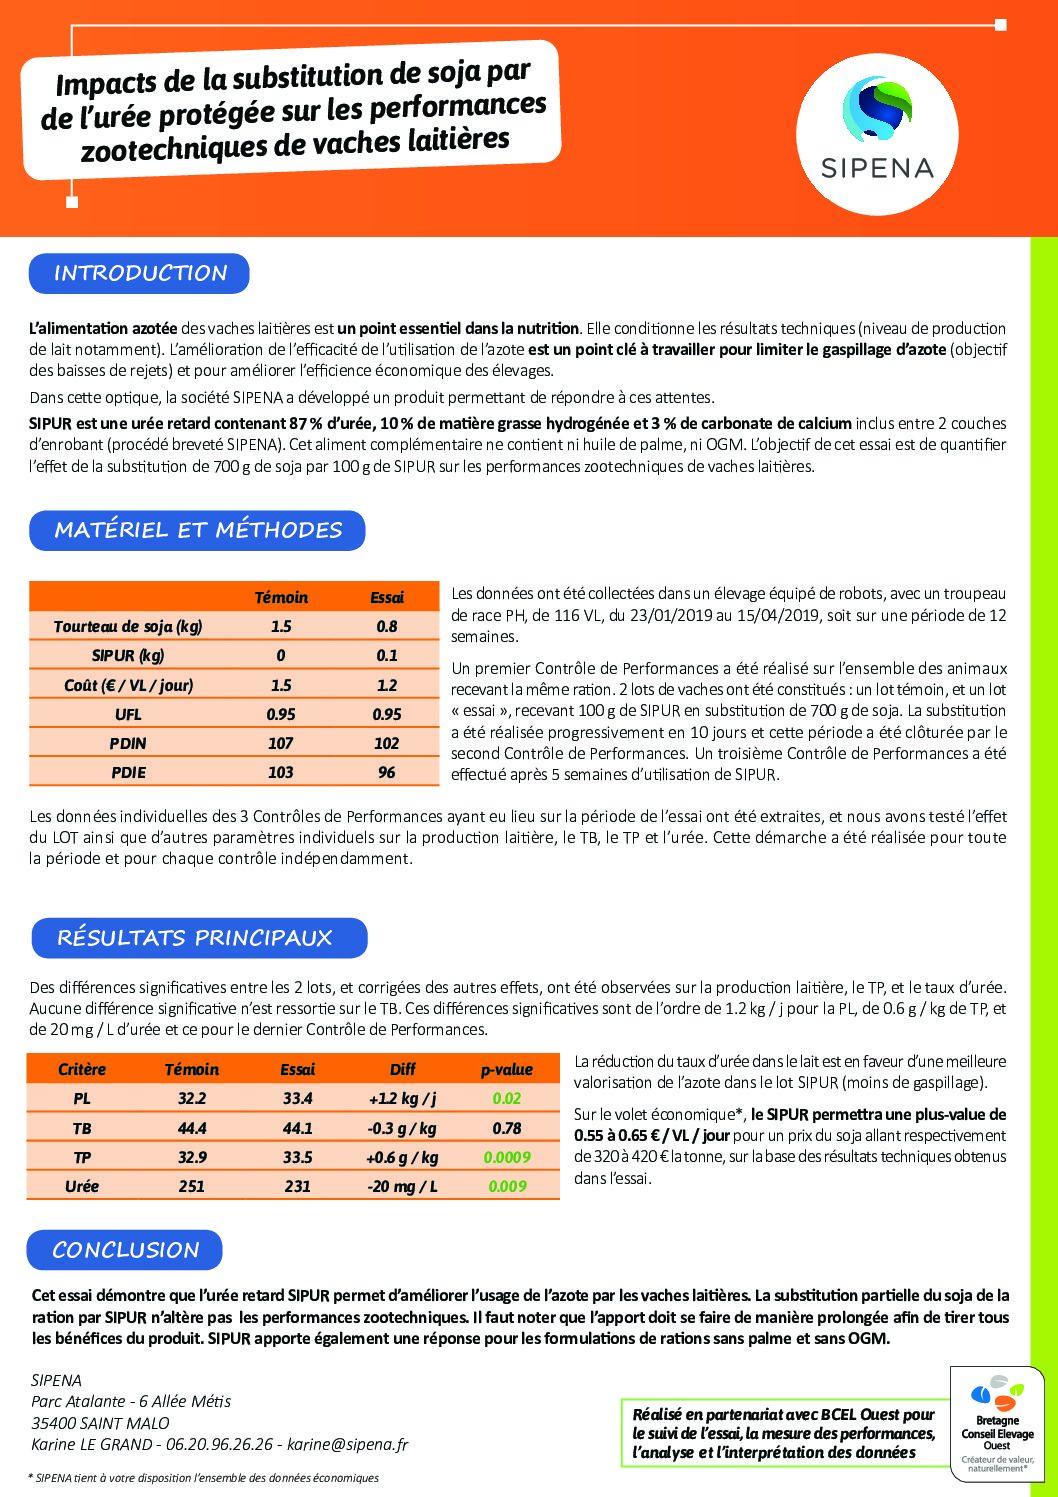 Impacts de la substitution de soja par SIPUR sur les performances zootechniques de vaches laitières